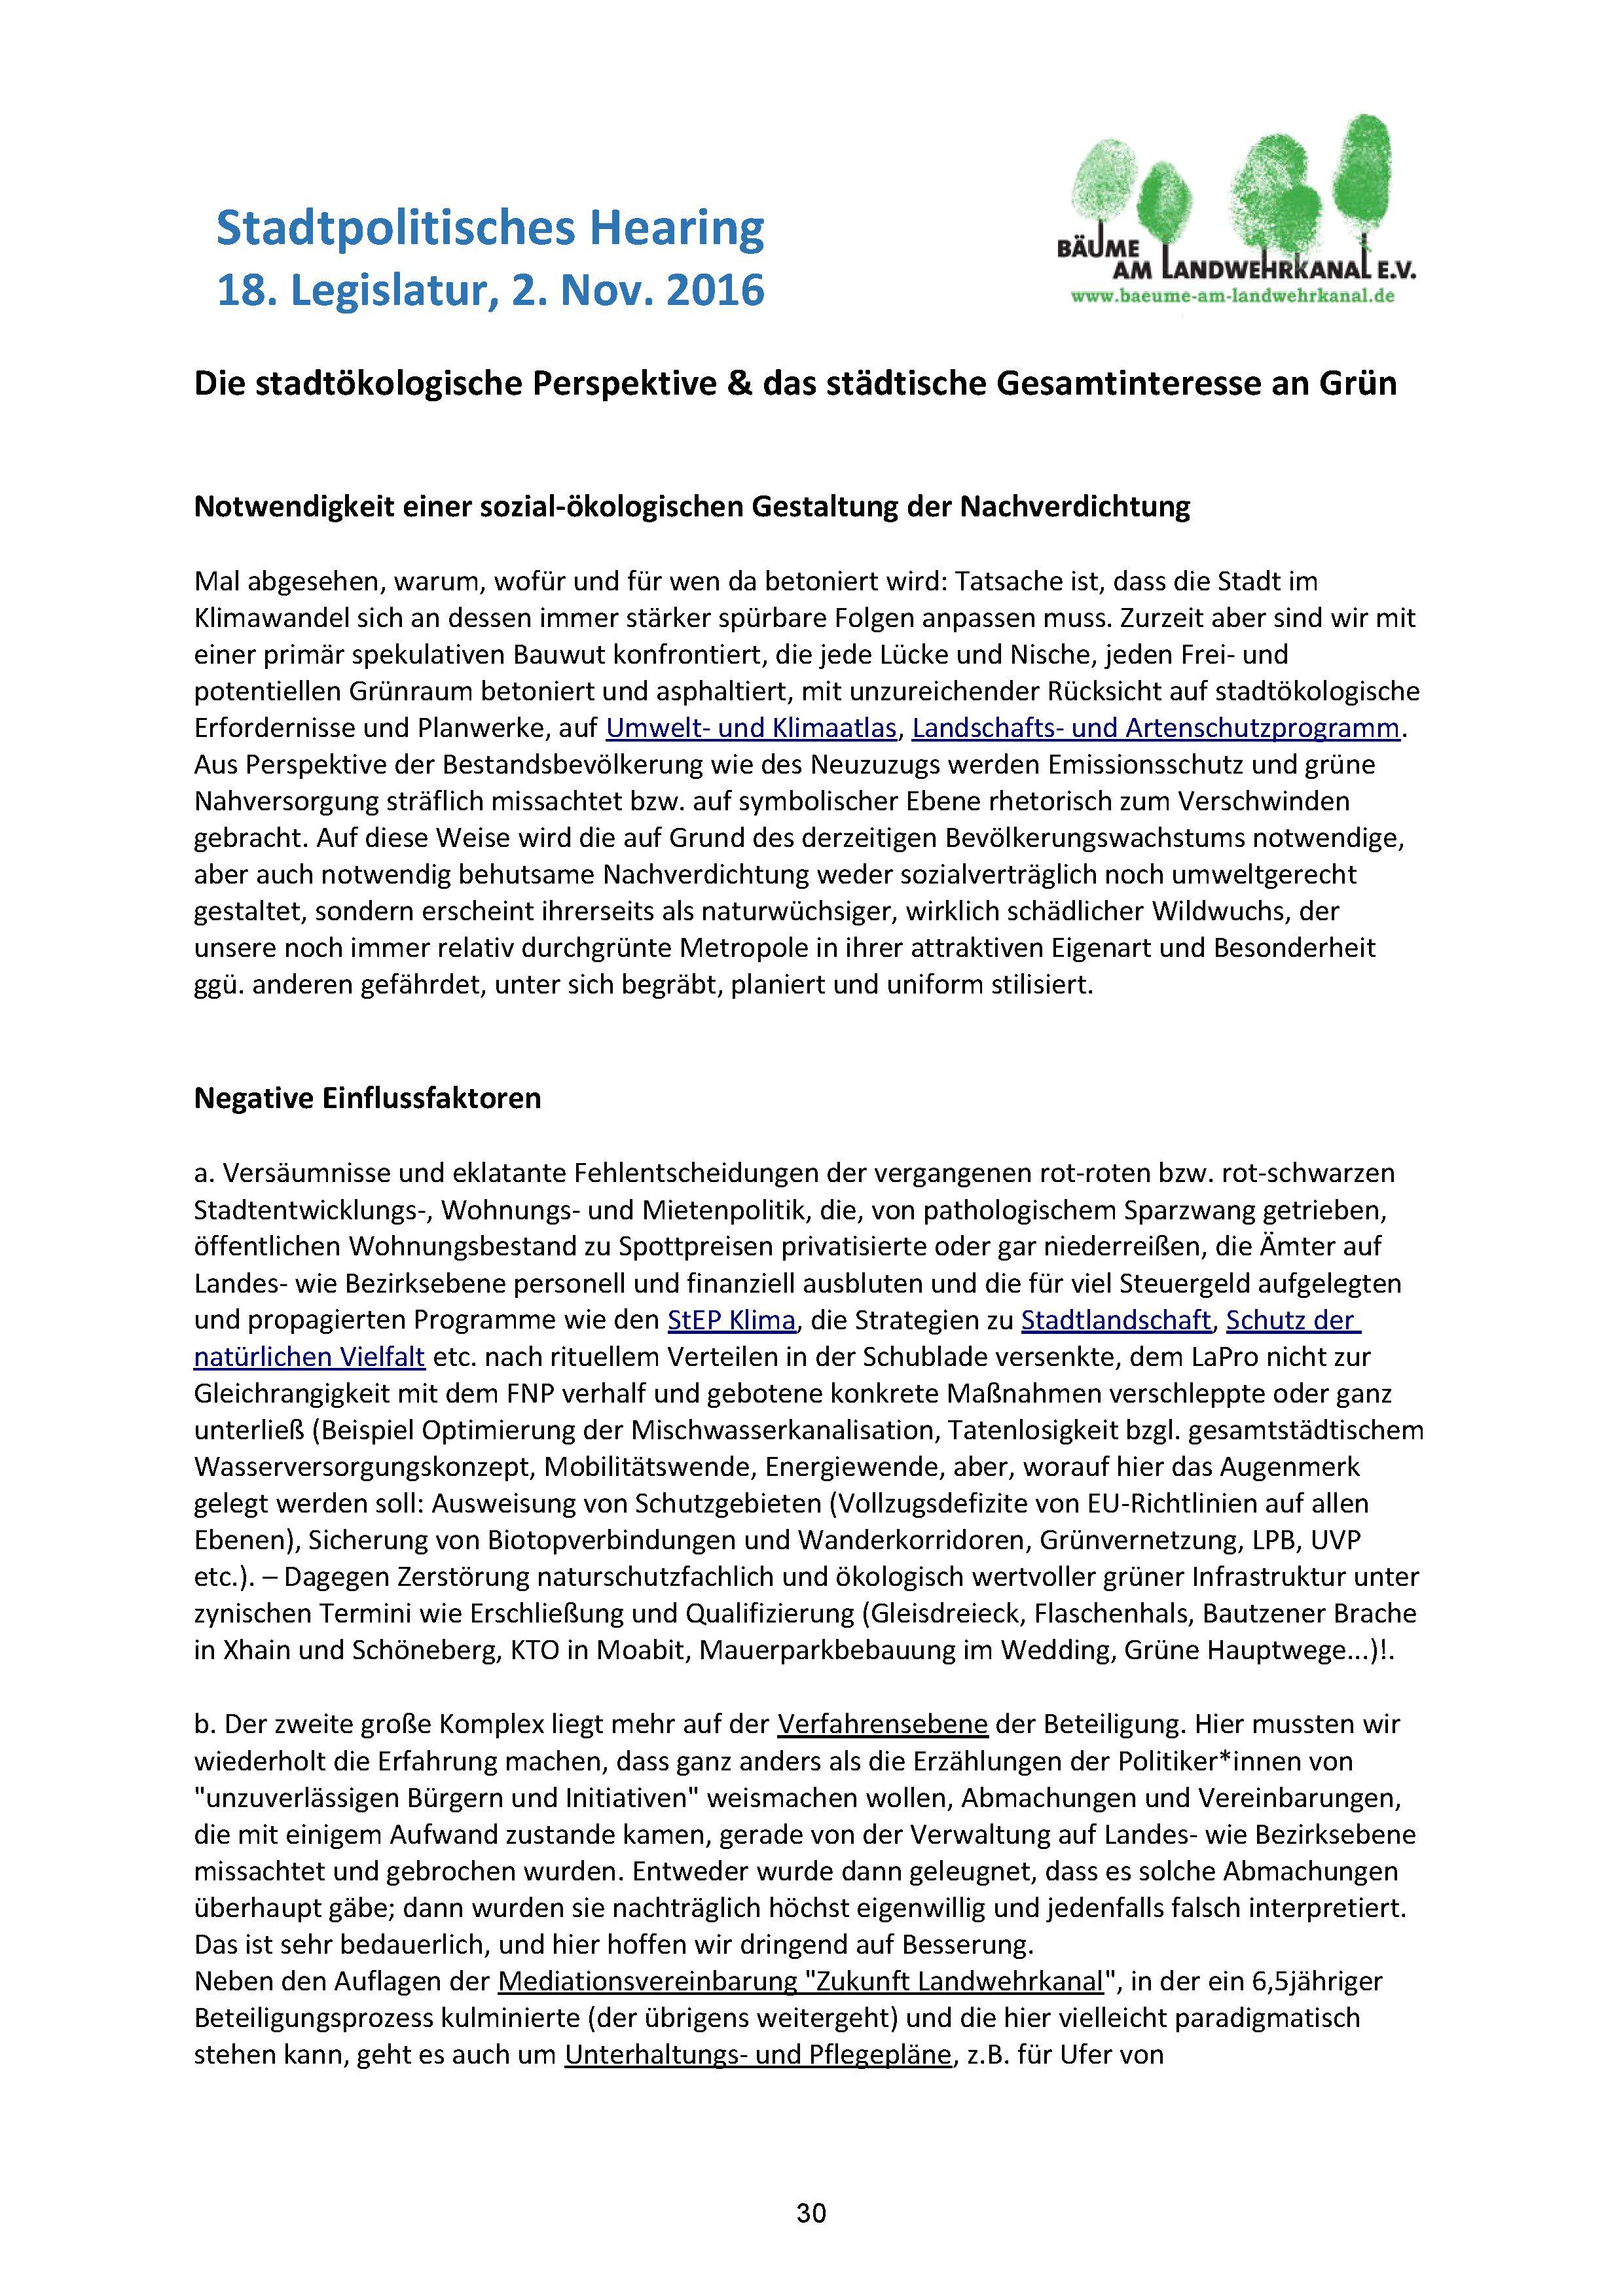 stadtpolitisches_hearing_021116_pressemappe_31